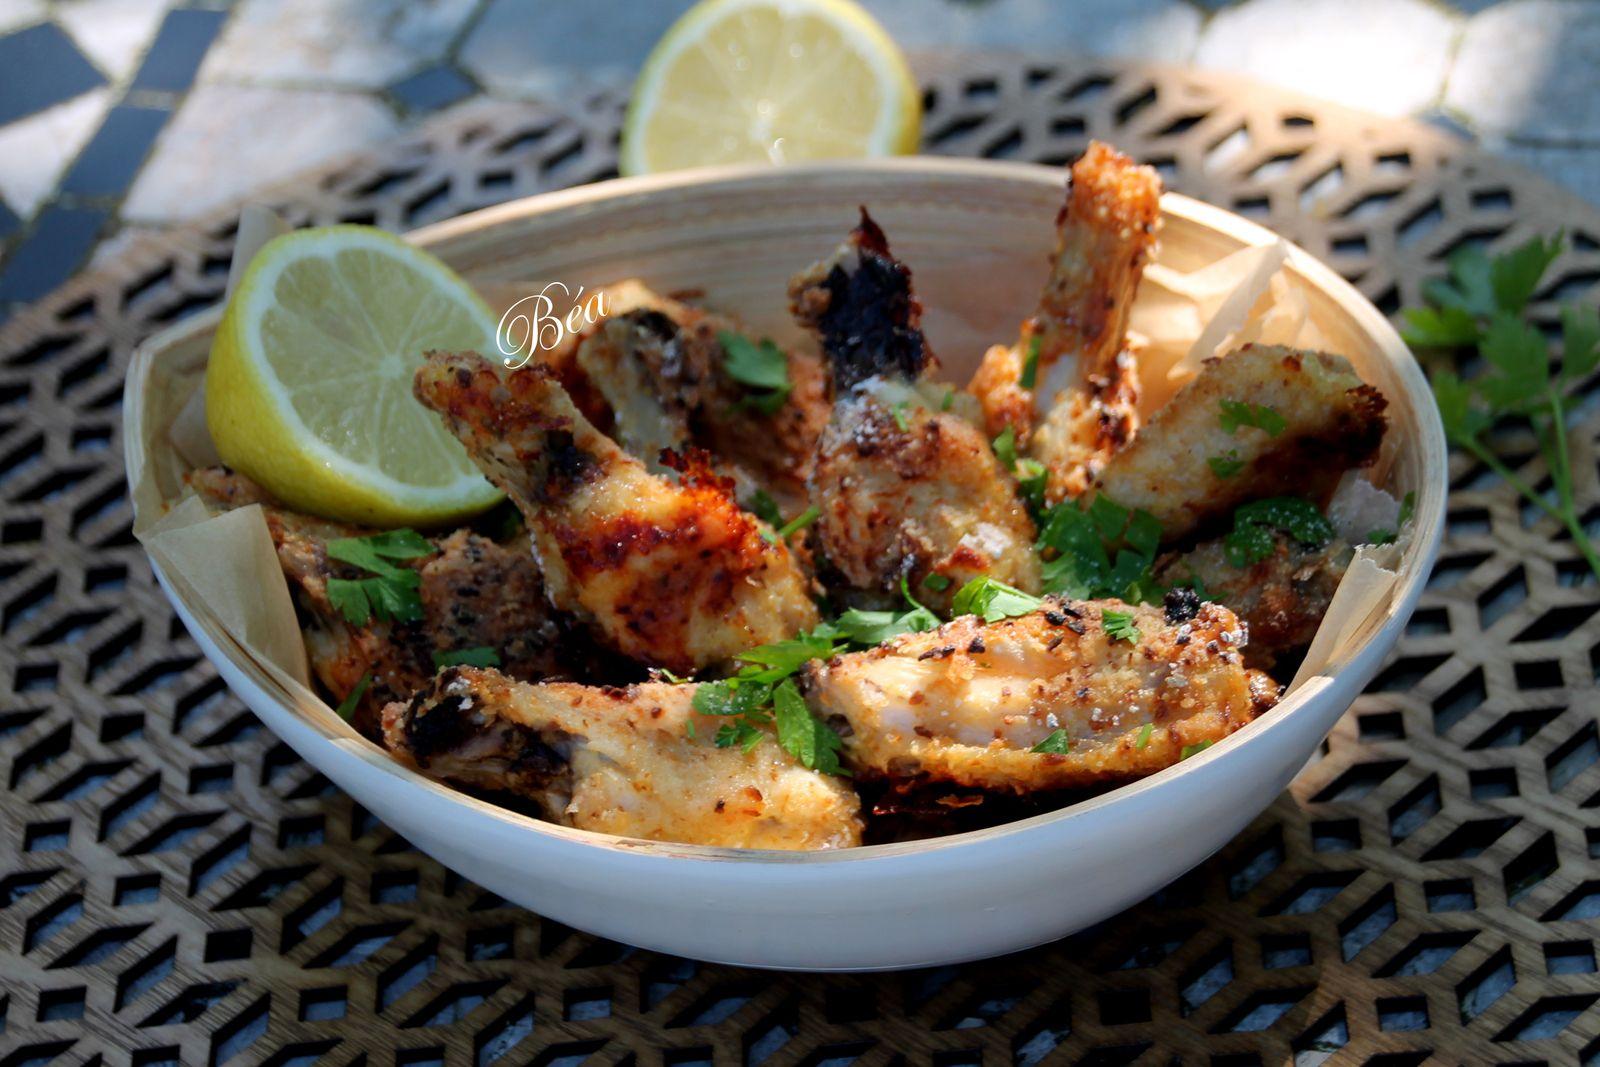 Ailes de poulet croustillantes, salade de betteraves et haricots blancs à l'aneth